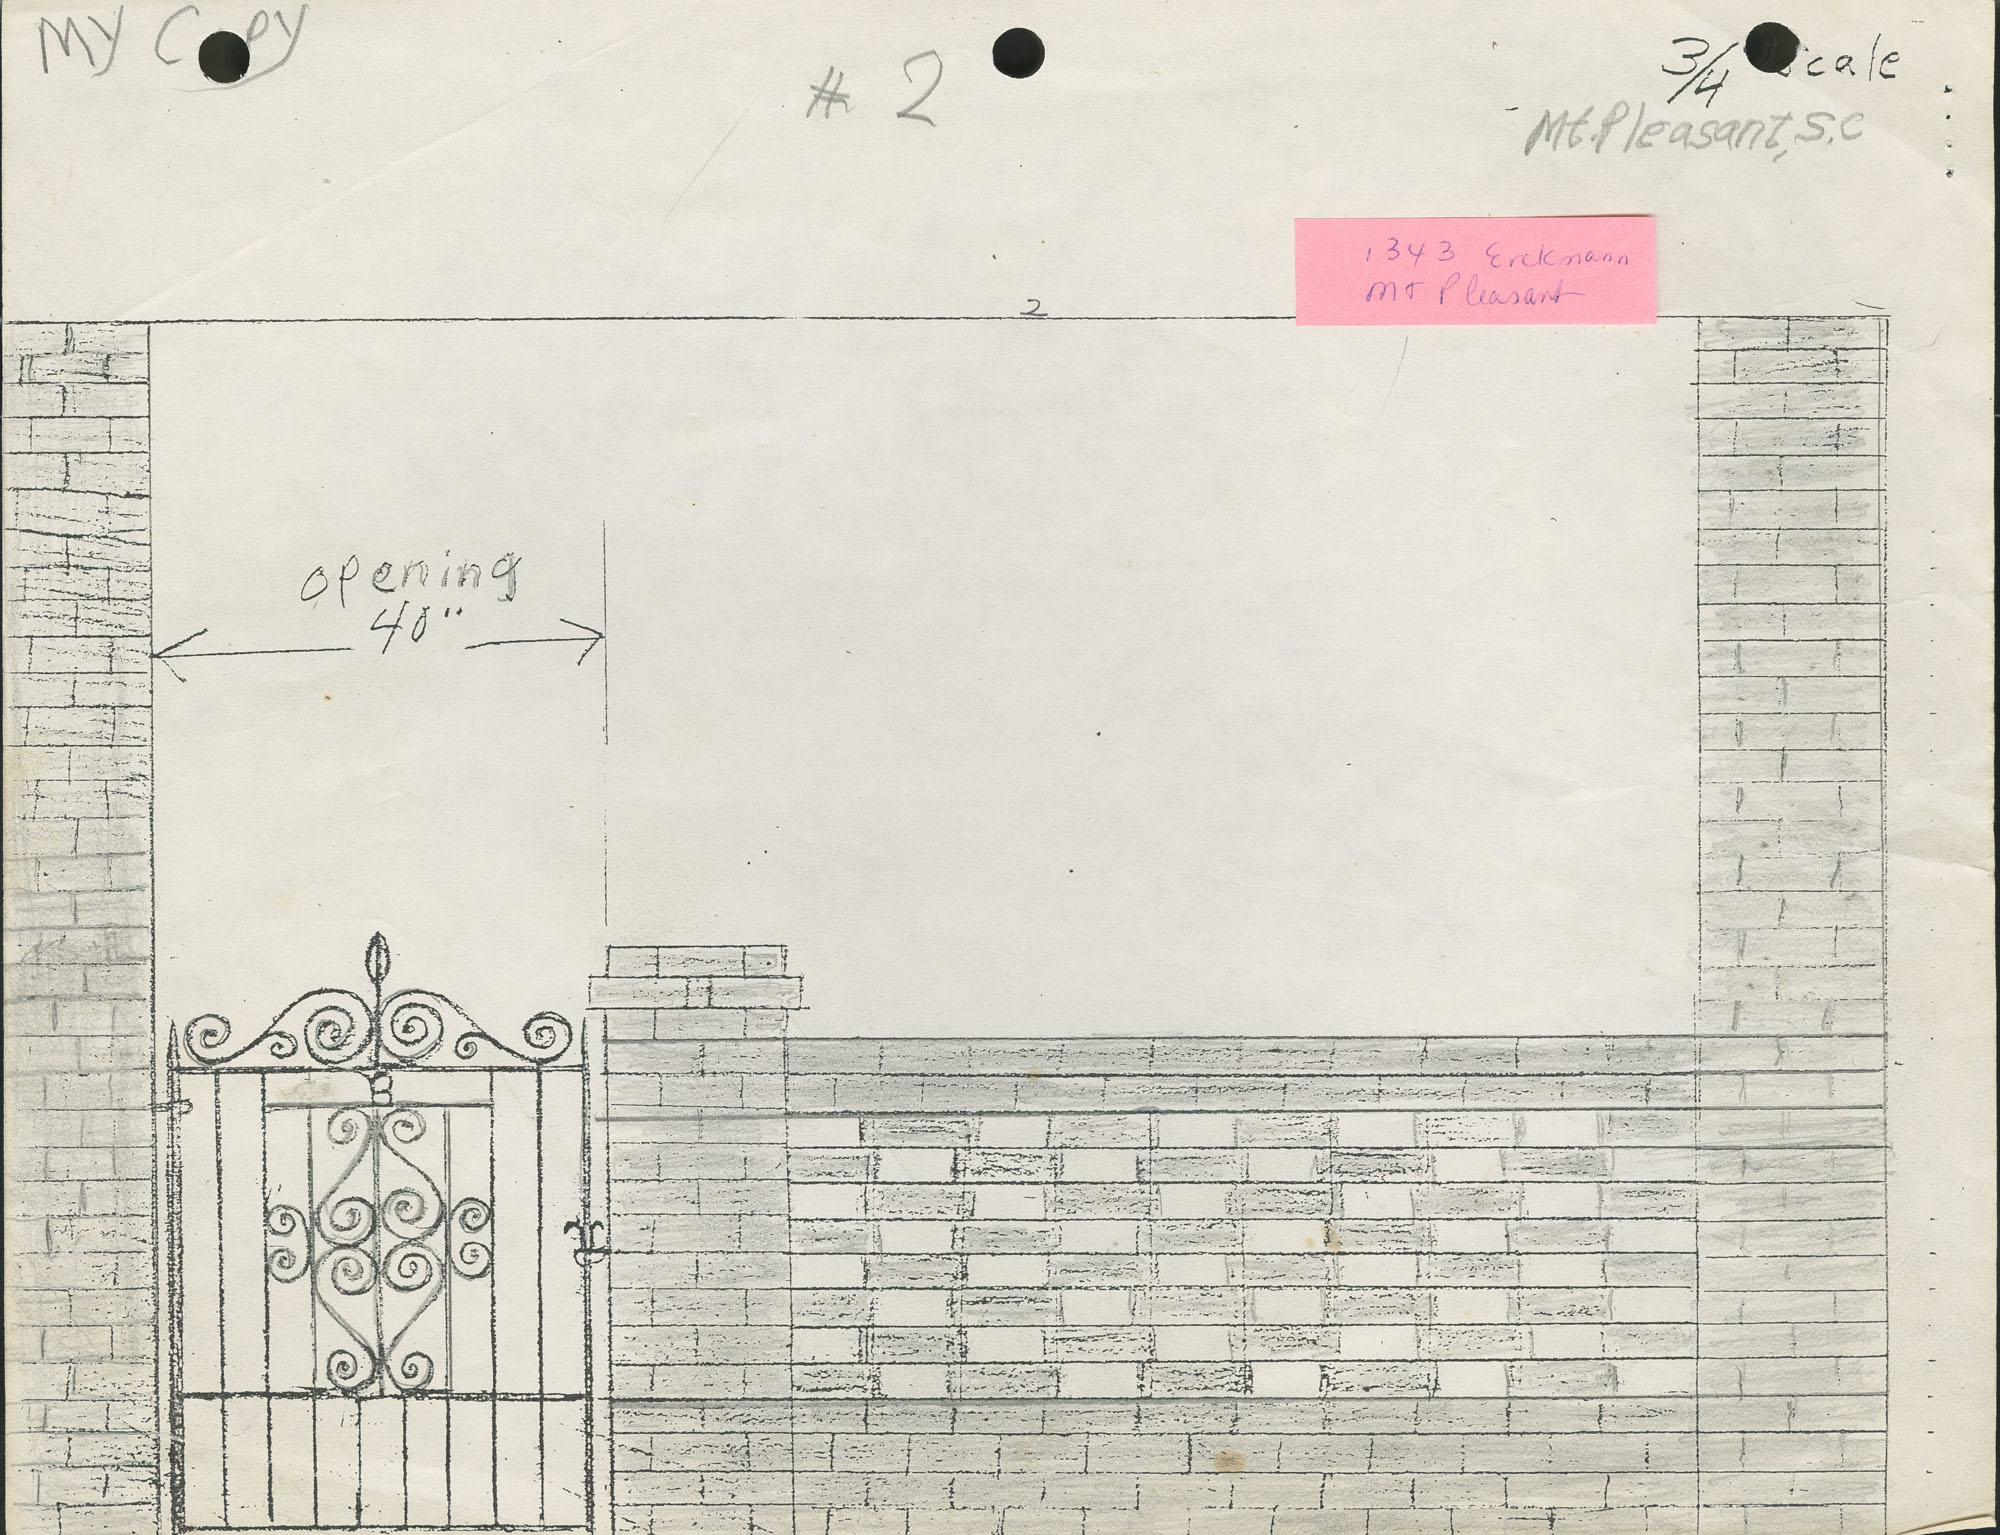 1343 Erckmann gate